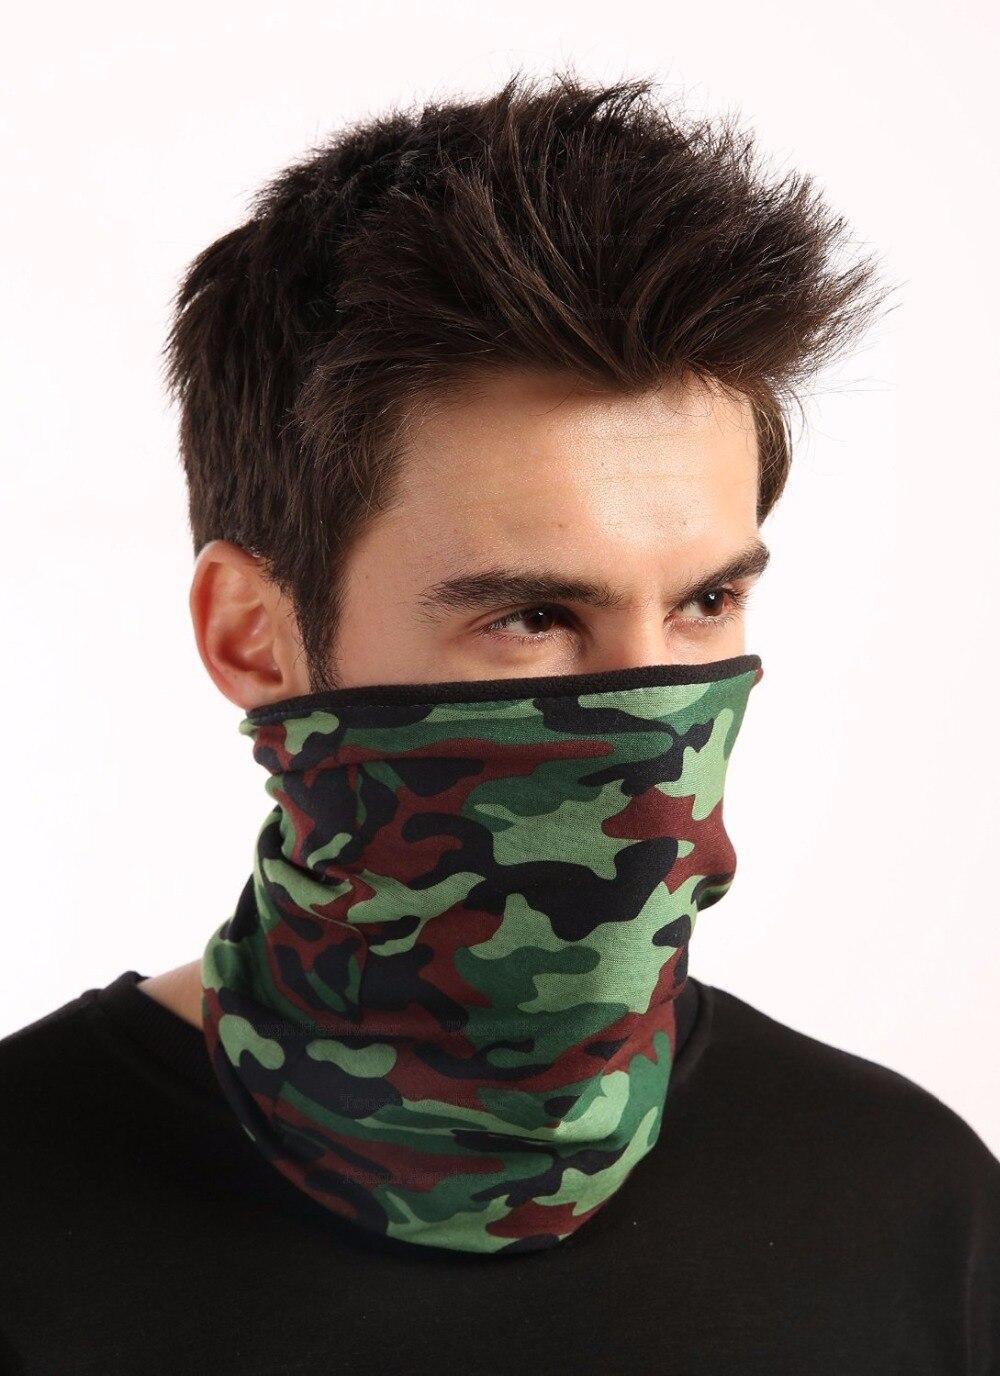 21 Estilo de camuflaje Poliéster Bufandas Headwear Bandanas Deportivas Al Aire L